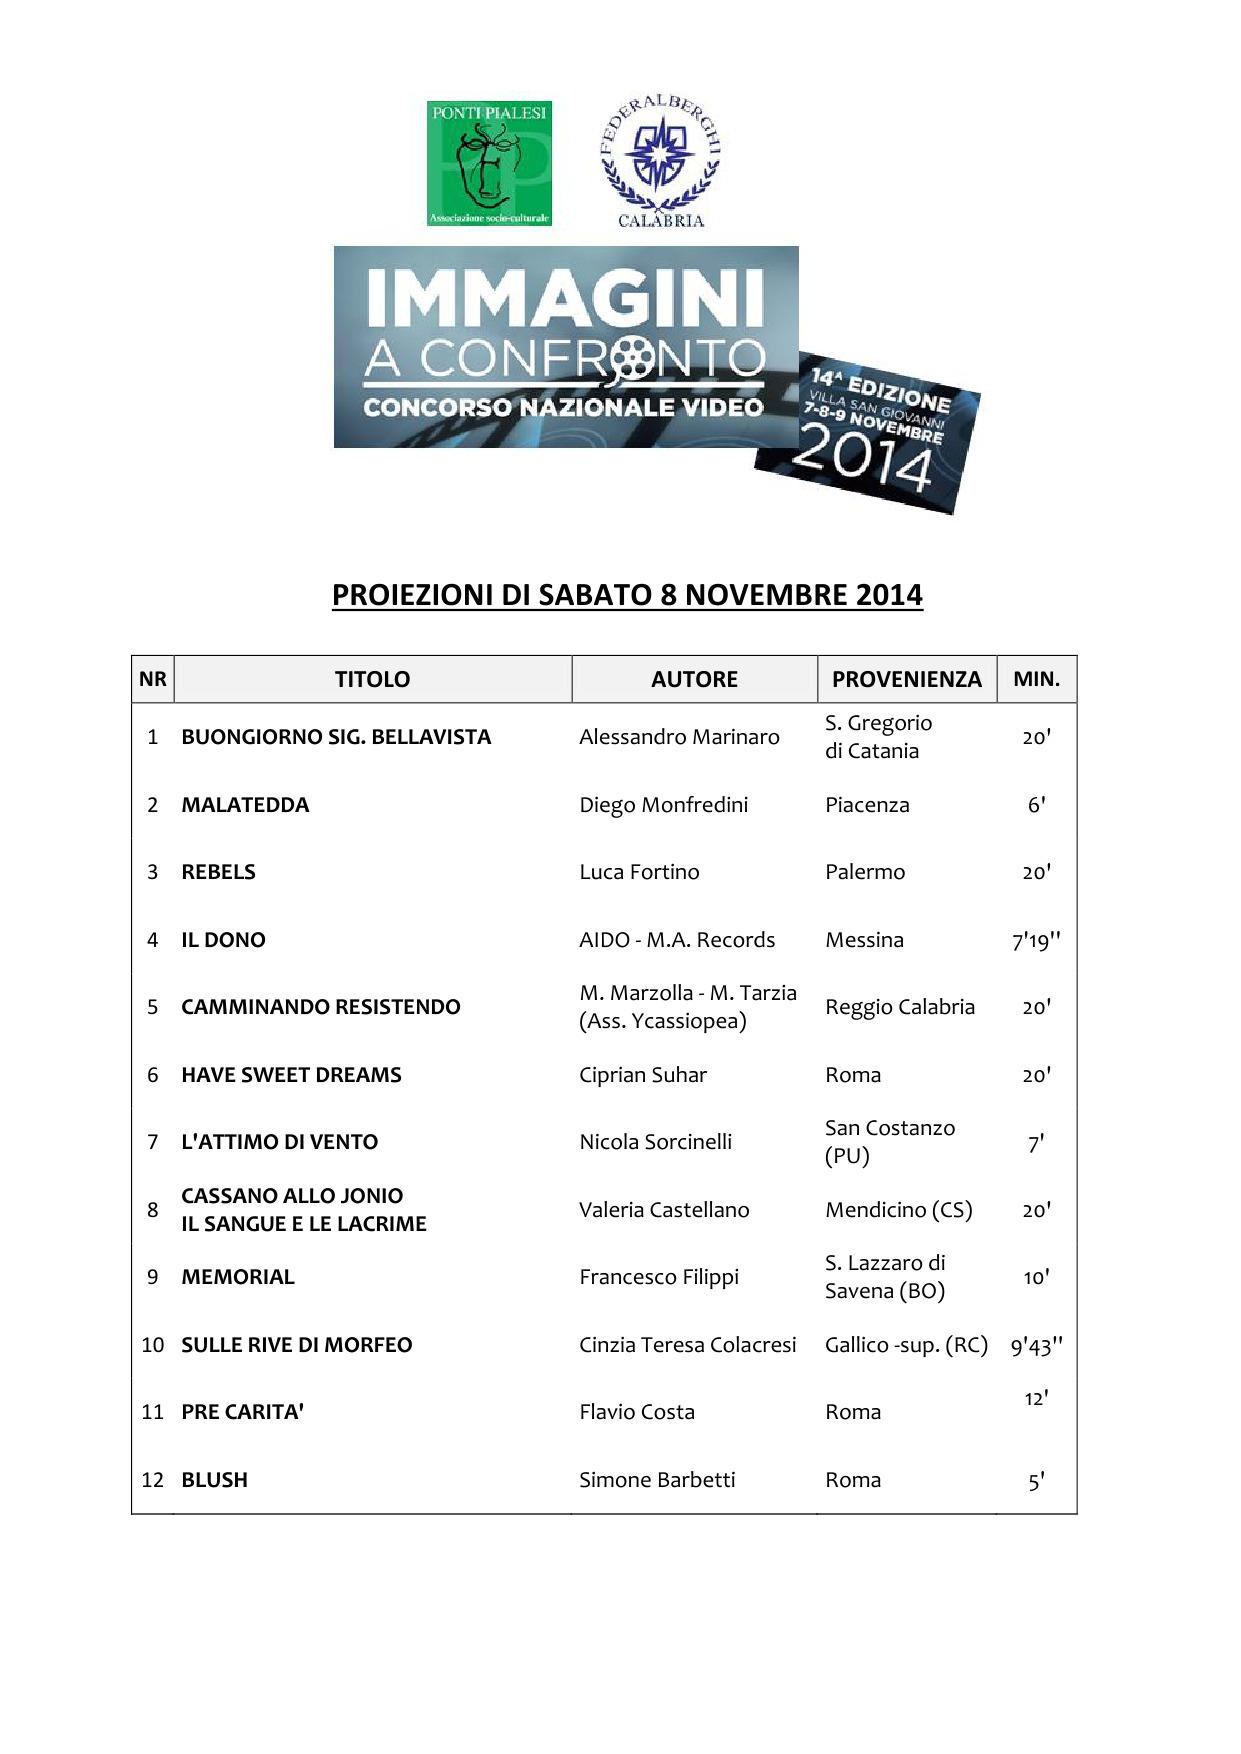 IMMAGINI A CONFRONTO CORTI FINALISTI - Proiezioni SABATO 8 Novembre 2014